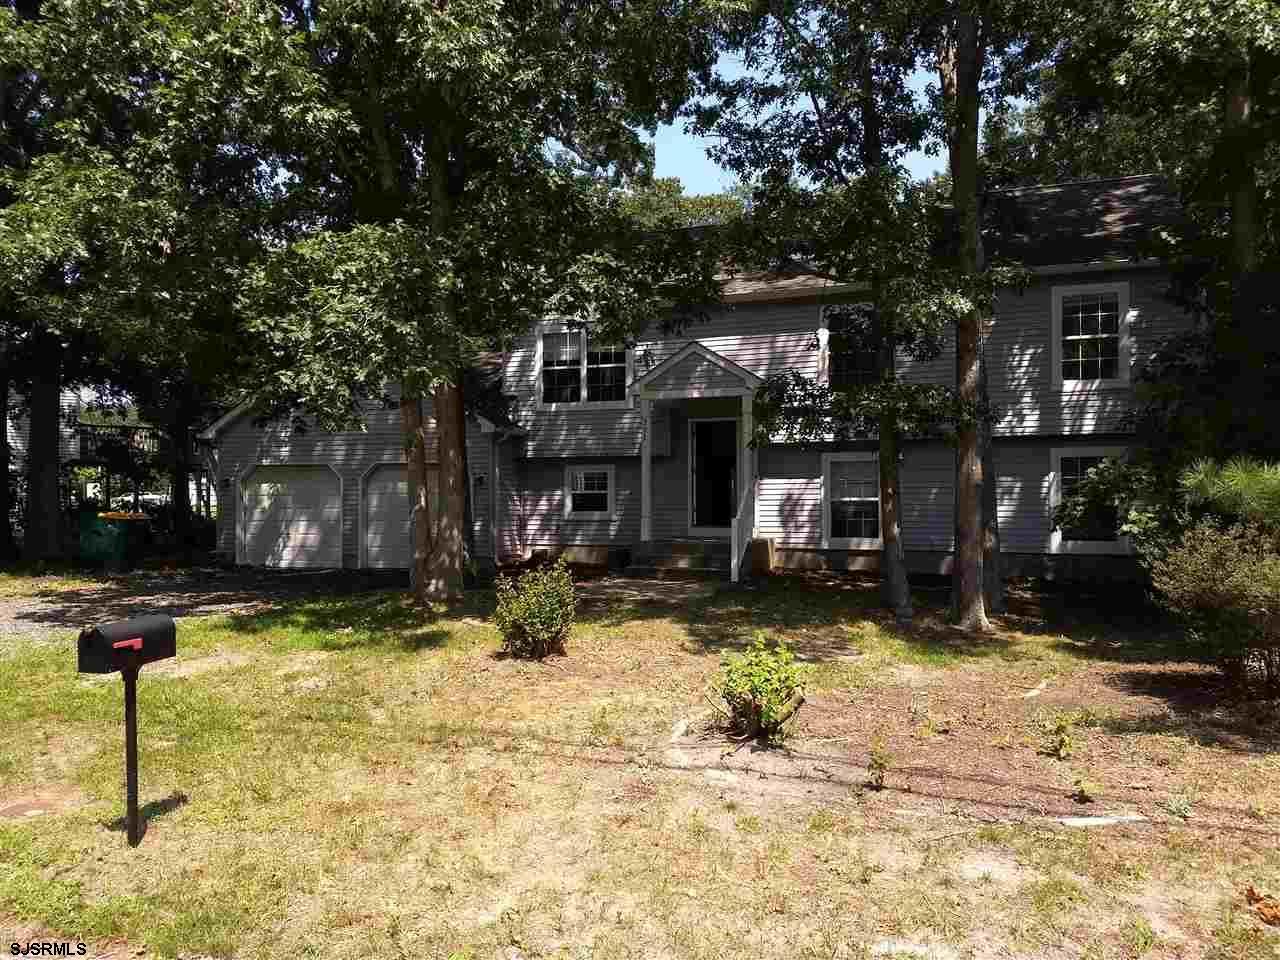 303 E Magnolia Ave, Galloway Township, NJ, 08205